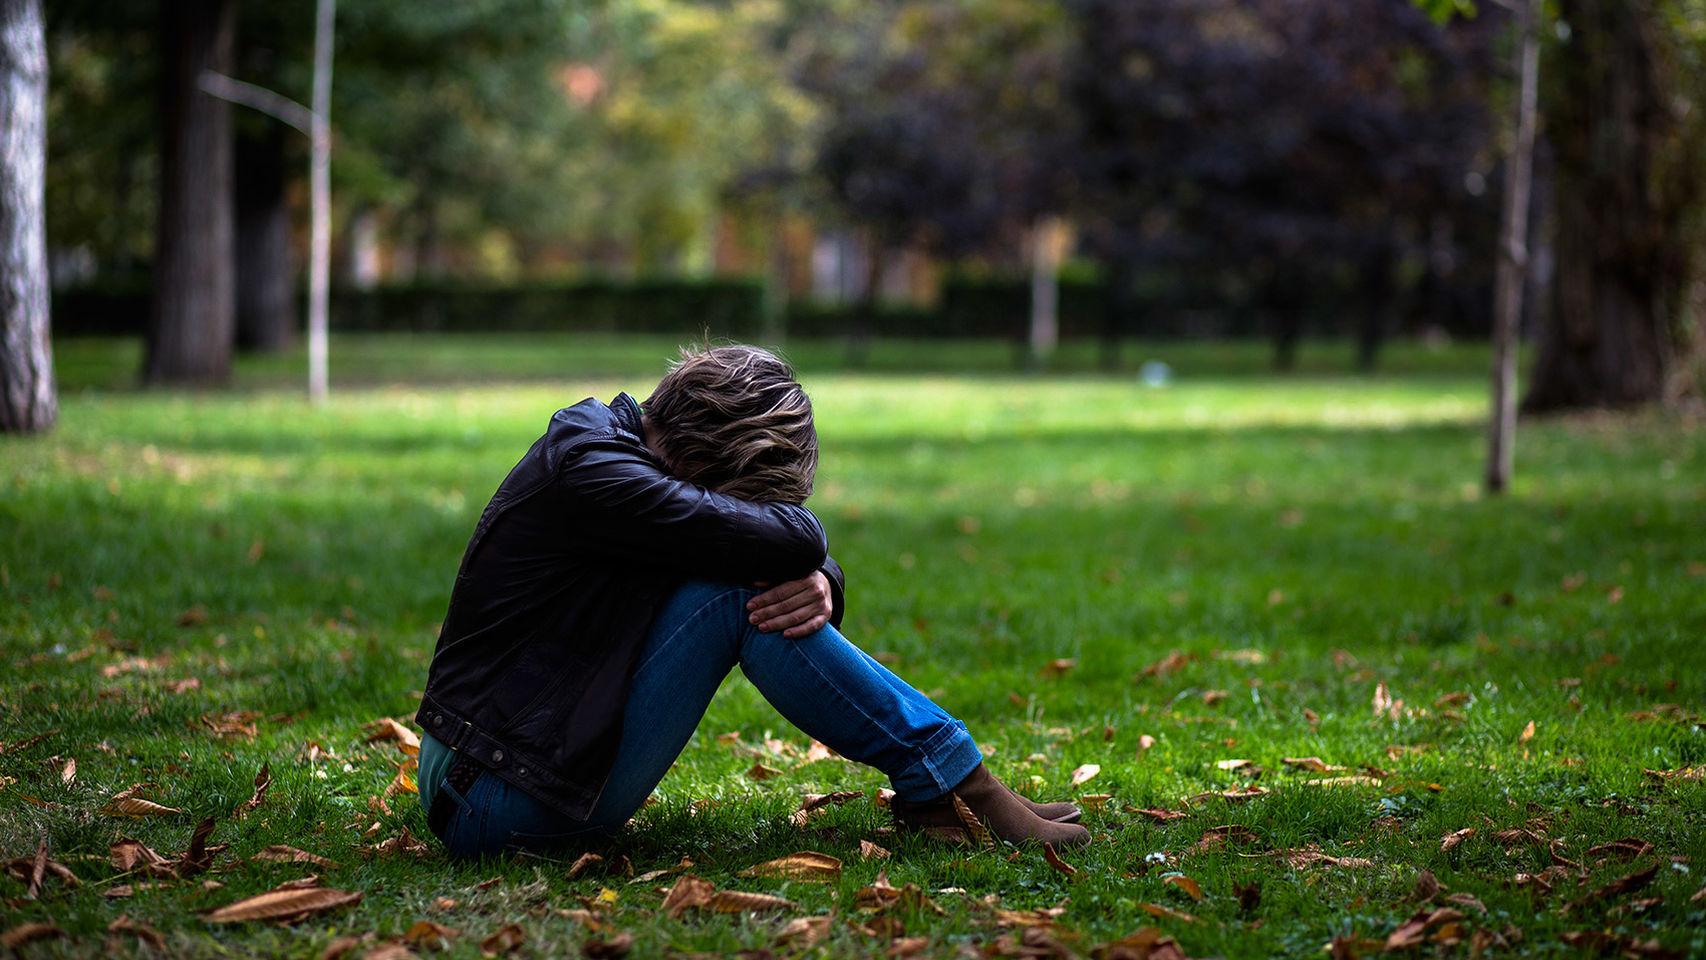 victimas-acoso-escolar-verguenza-silencio_77752233_148578_1706x960